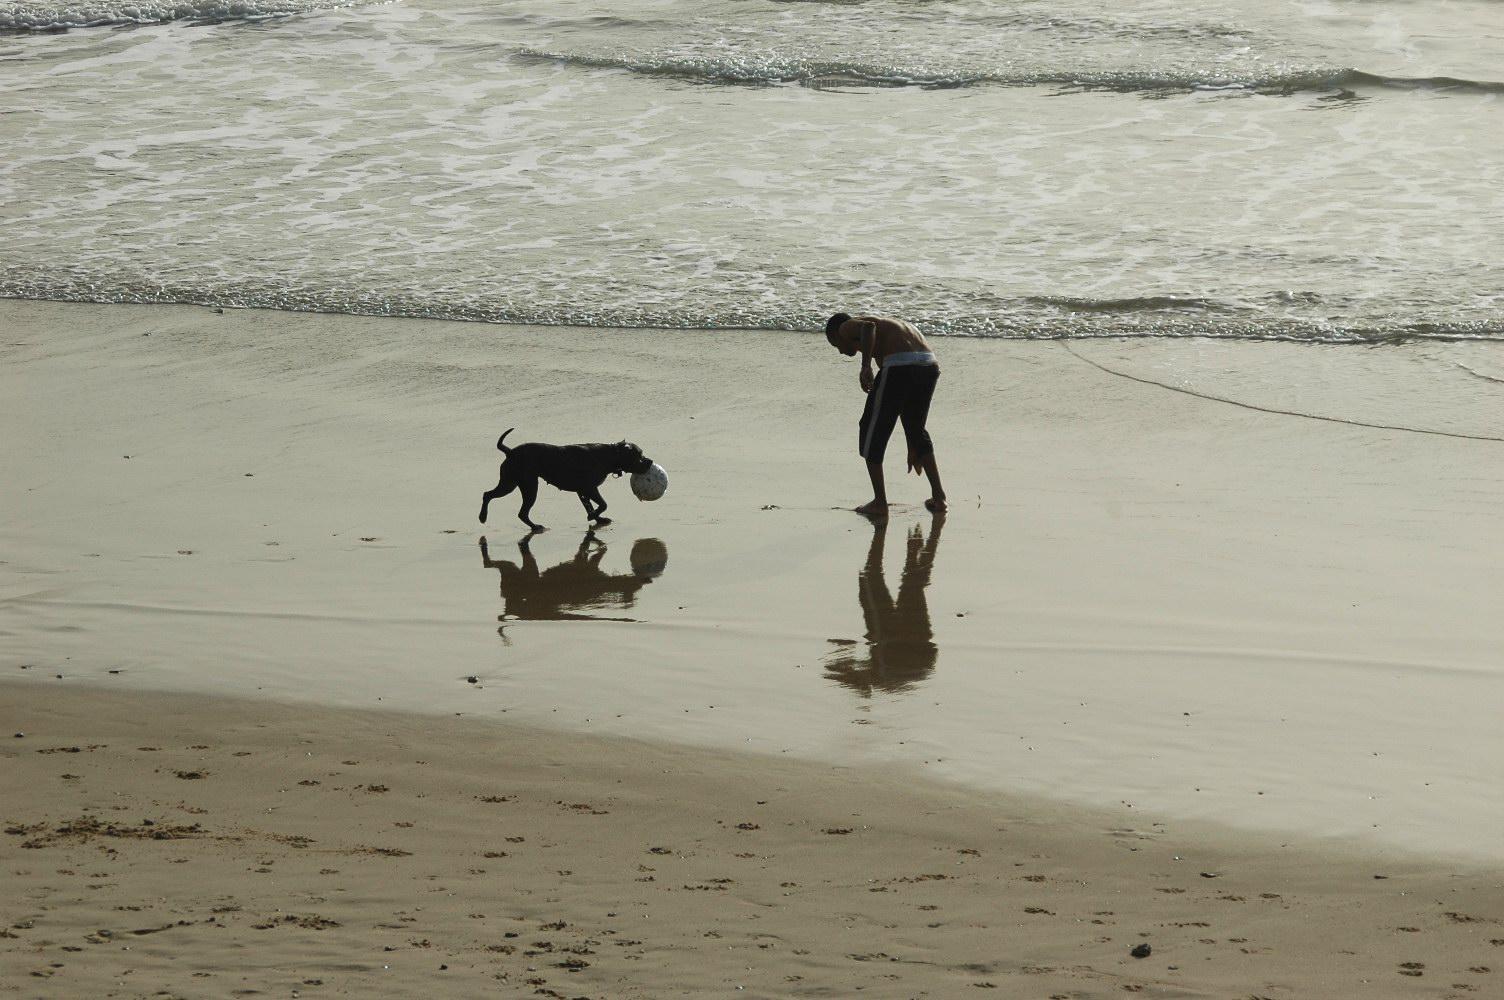 איש וכלבו בחוף הים